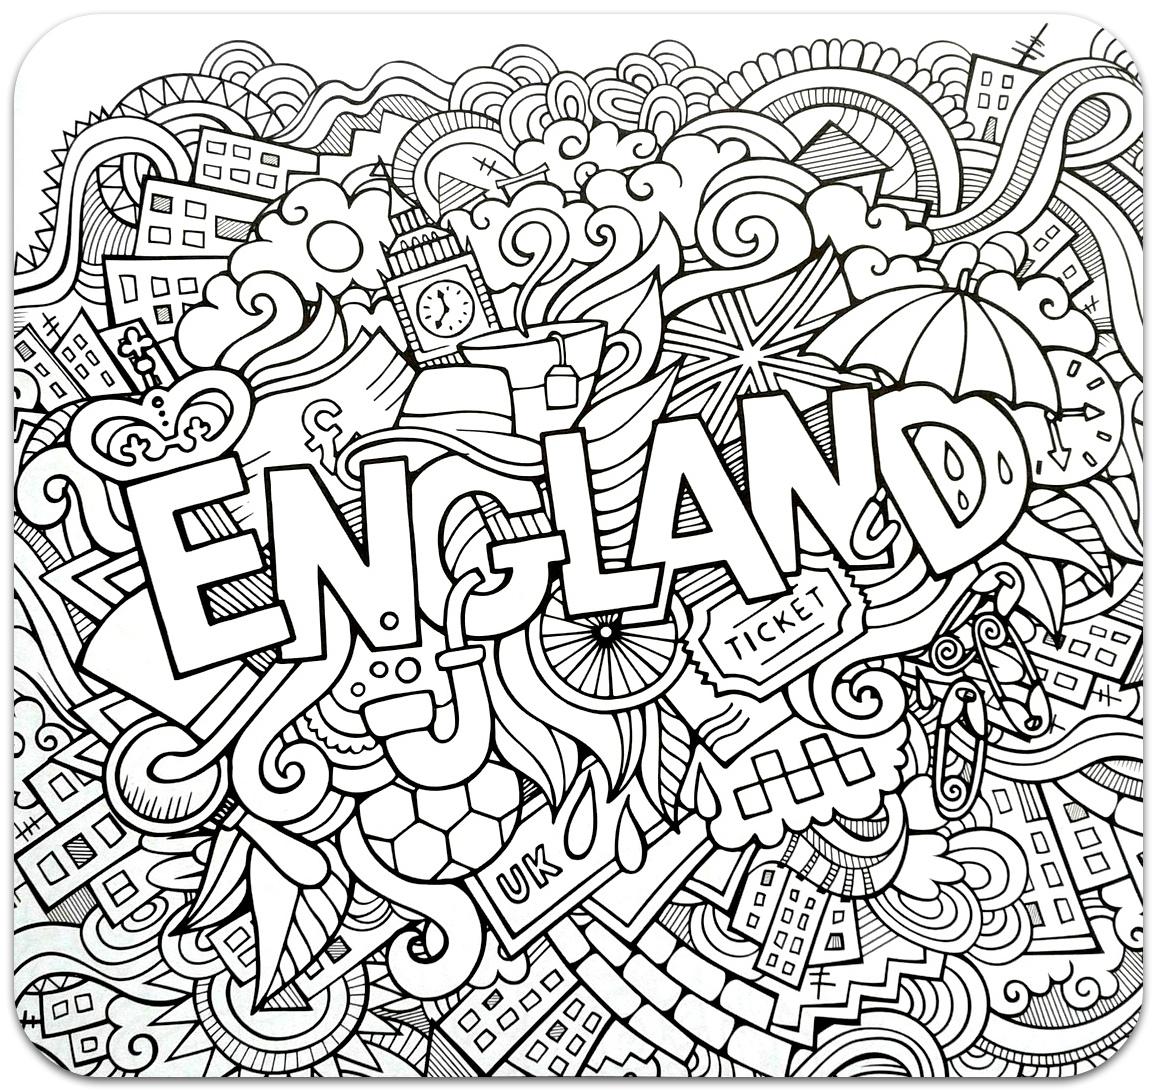 Чернобелые картинки рисунки для срисовки карандашом